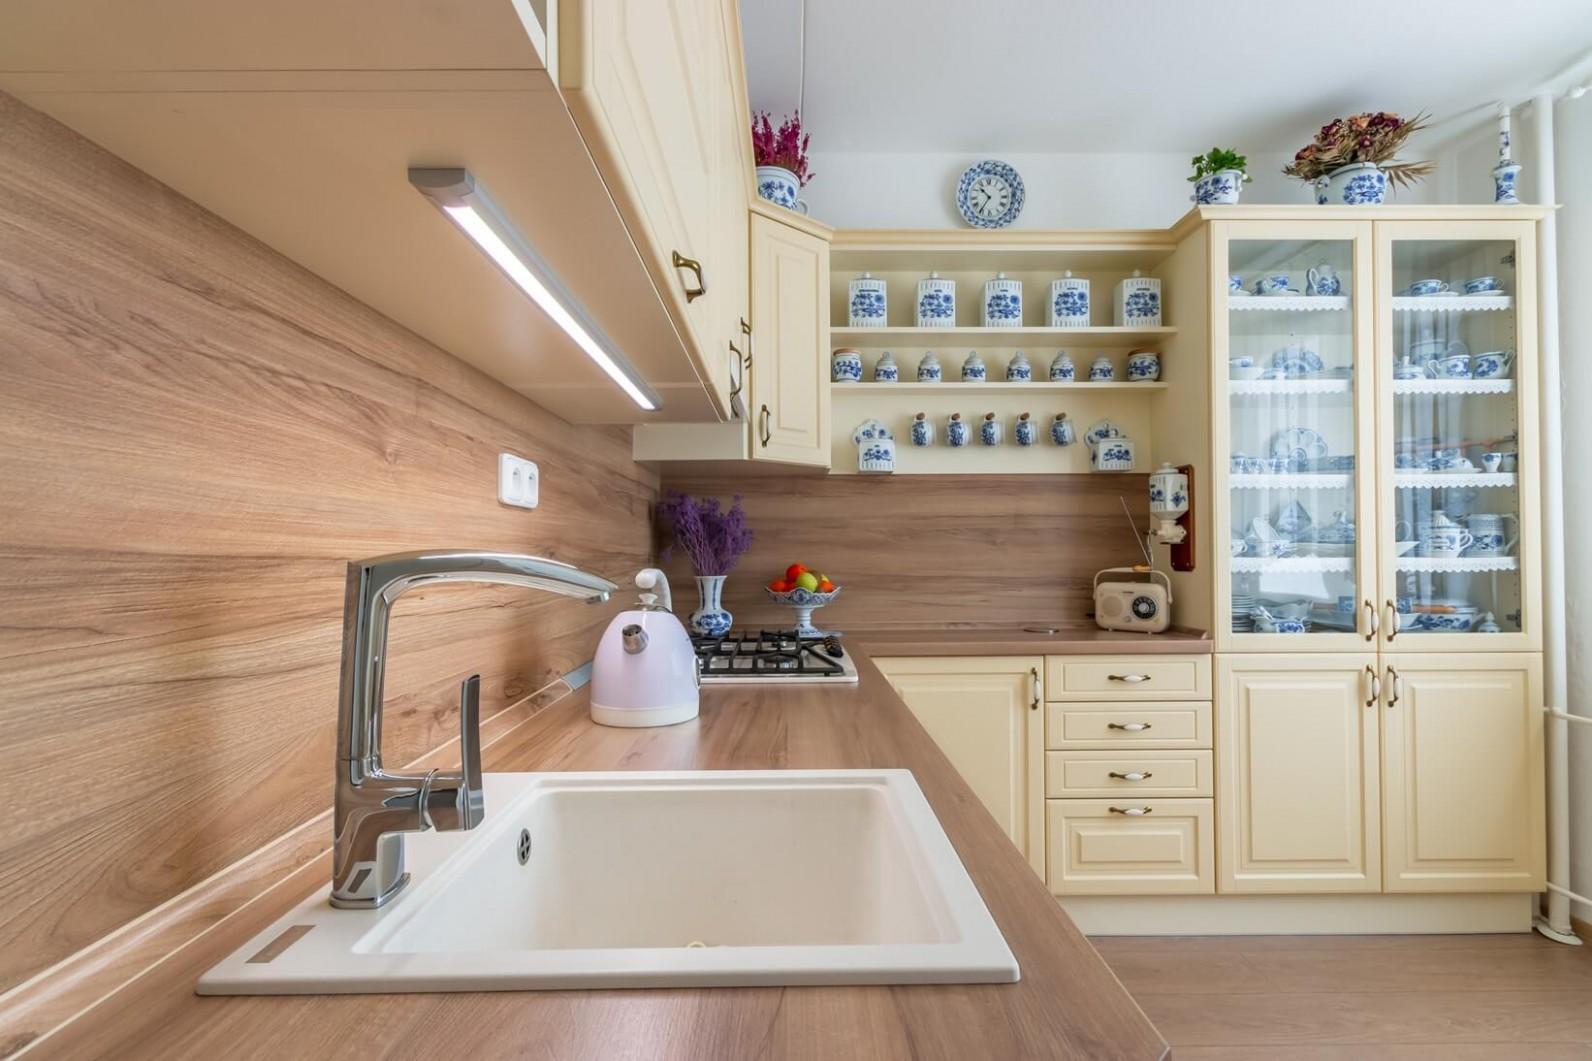 Rustikální kuchyně | Gabon Brno, kuchyňské studio - Rustikální Kuchyne